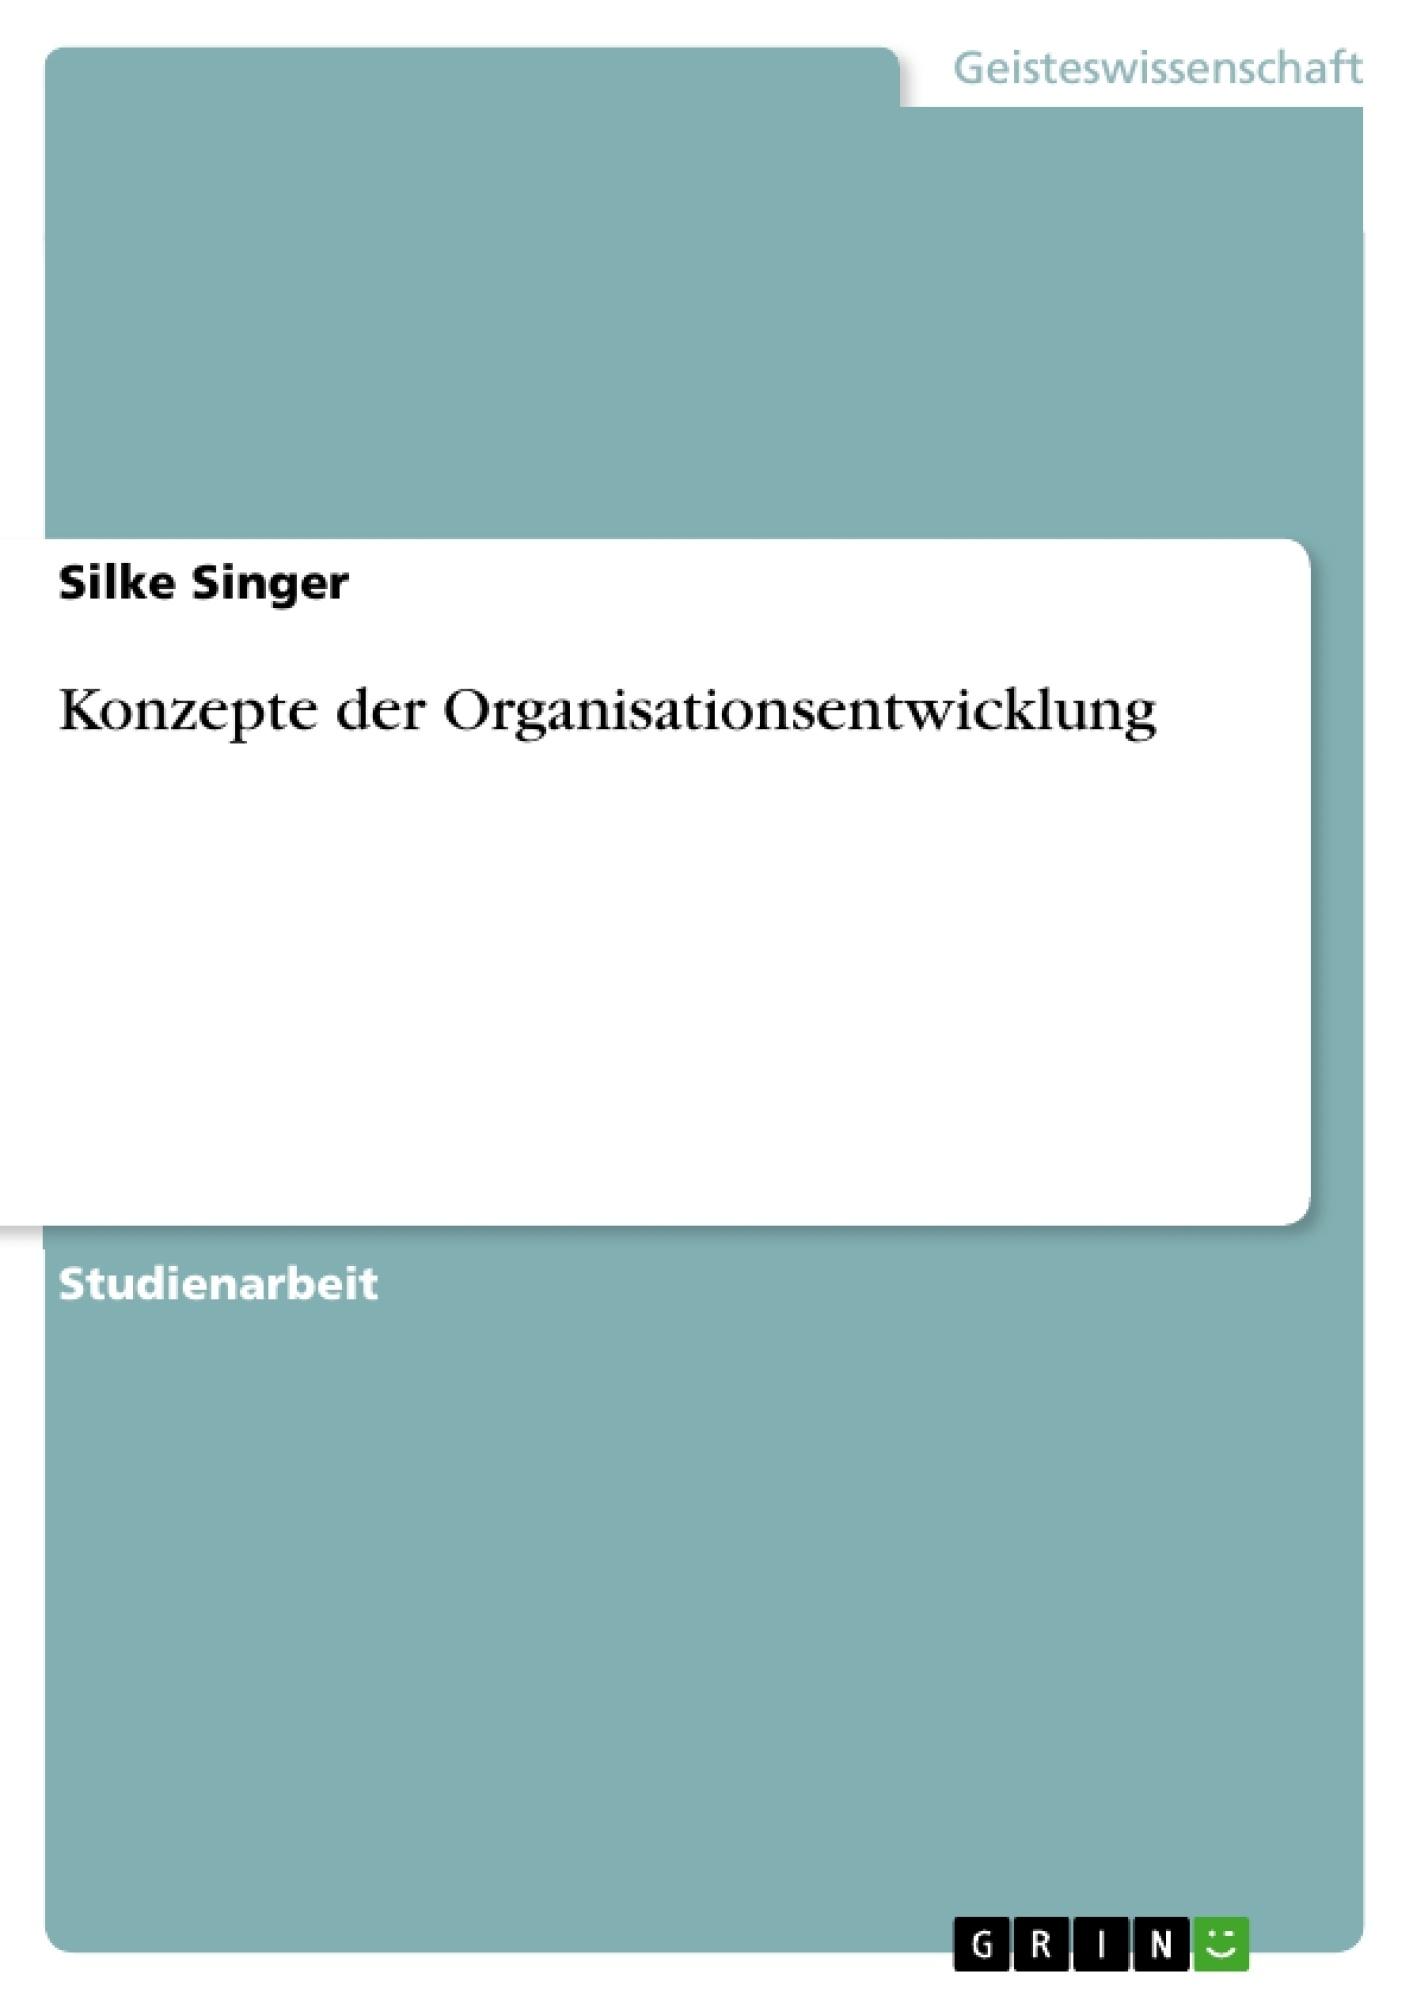 Titel: Konzepte der Organisationsentwicklung